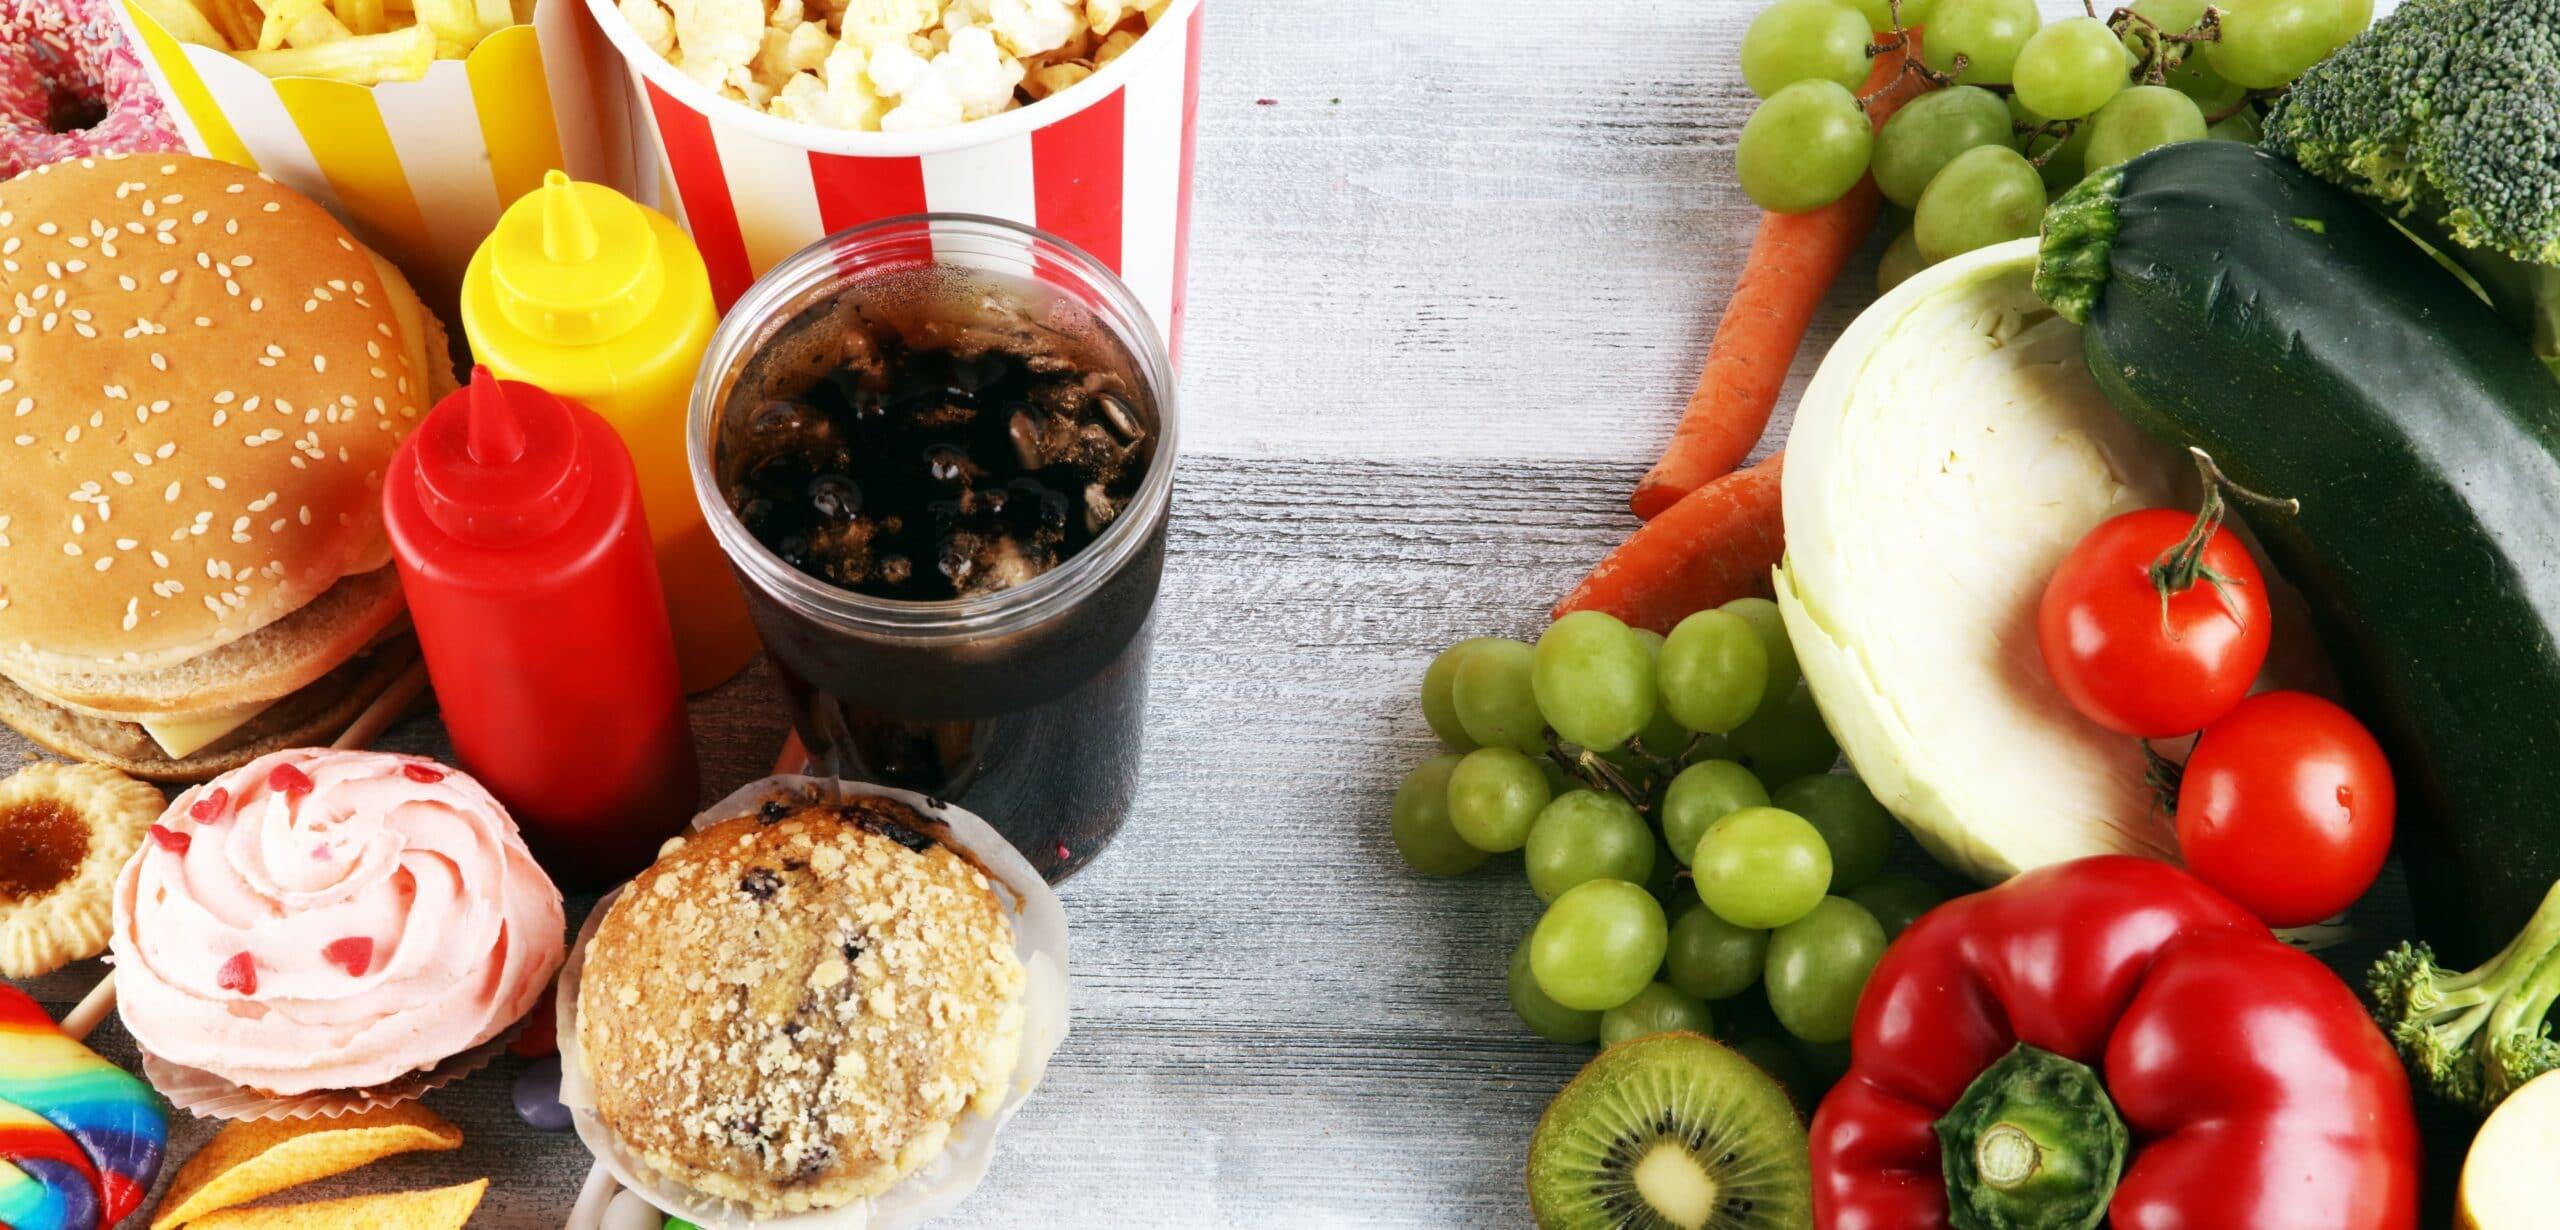 alimenti carboidrati semplici o zuccheri